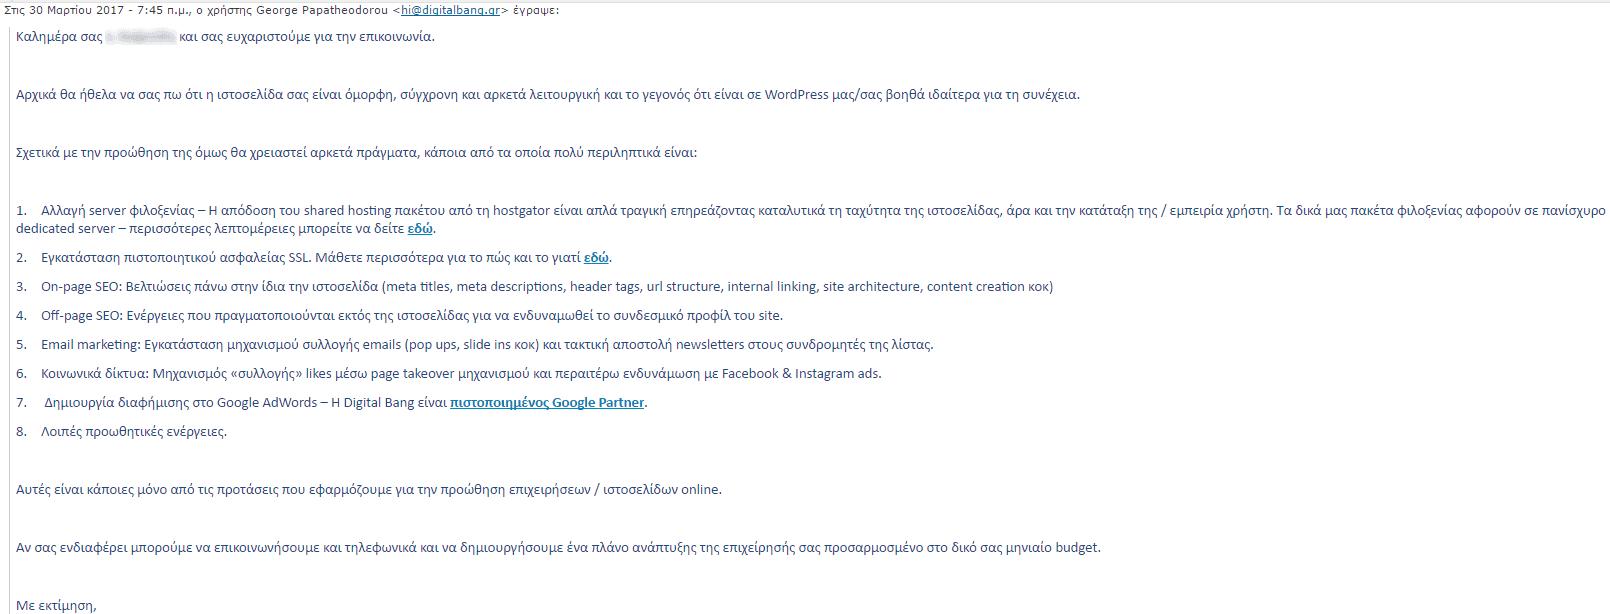 Η Δική μου Απάντηση στο Αρχικό Email